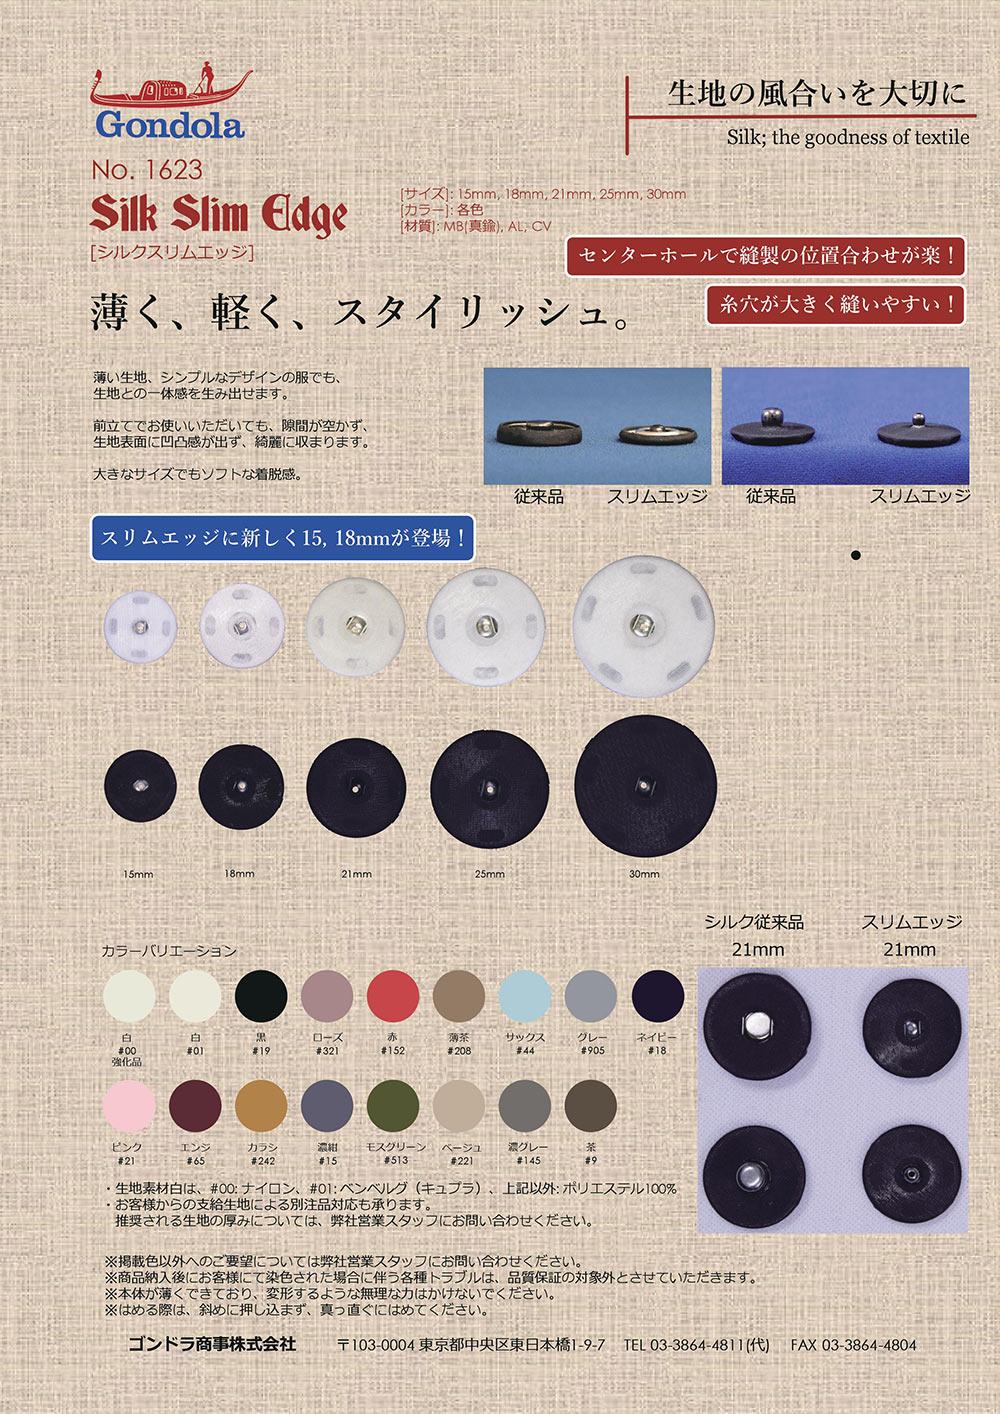 1623 シルクスリムエッジ(薄型シルクスナップ) ゴンドラ商事/オークラ商事 - ApparelX アパレル資材卸通販